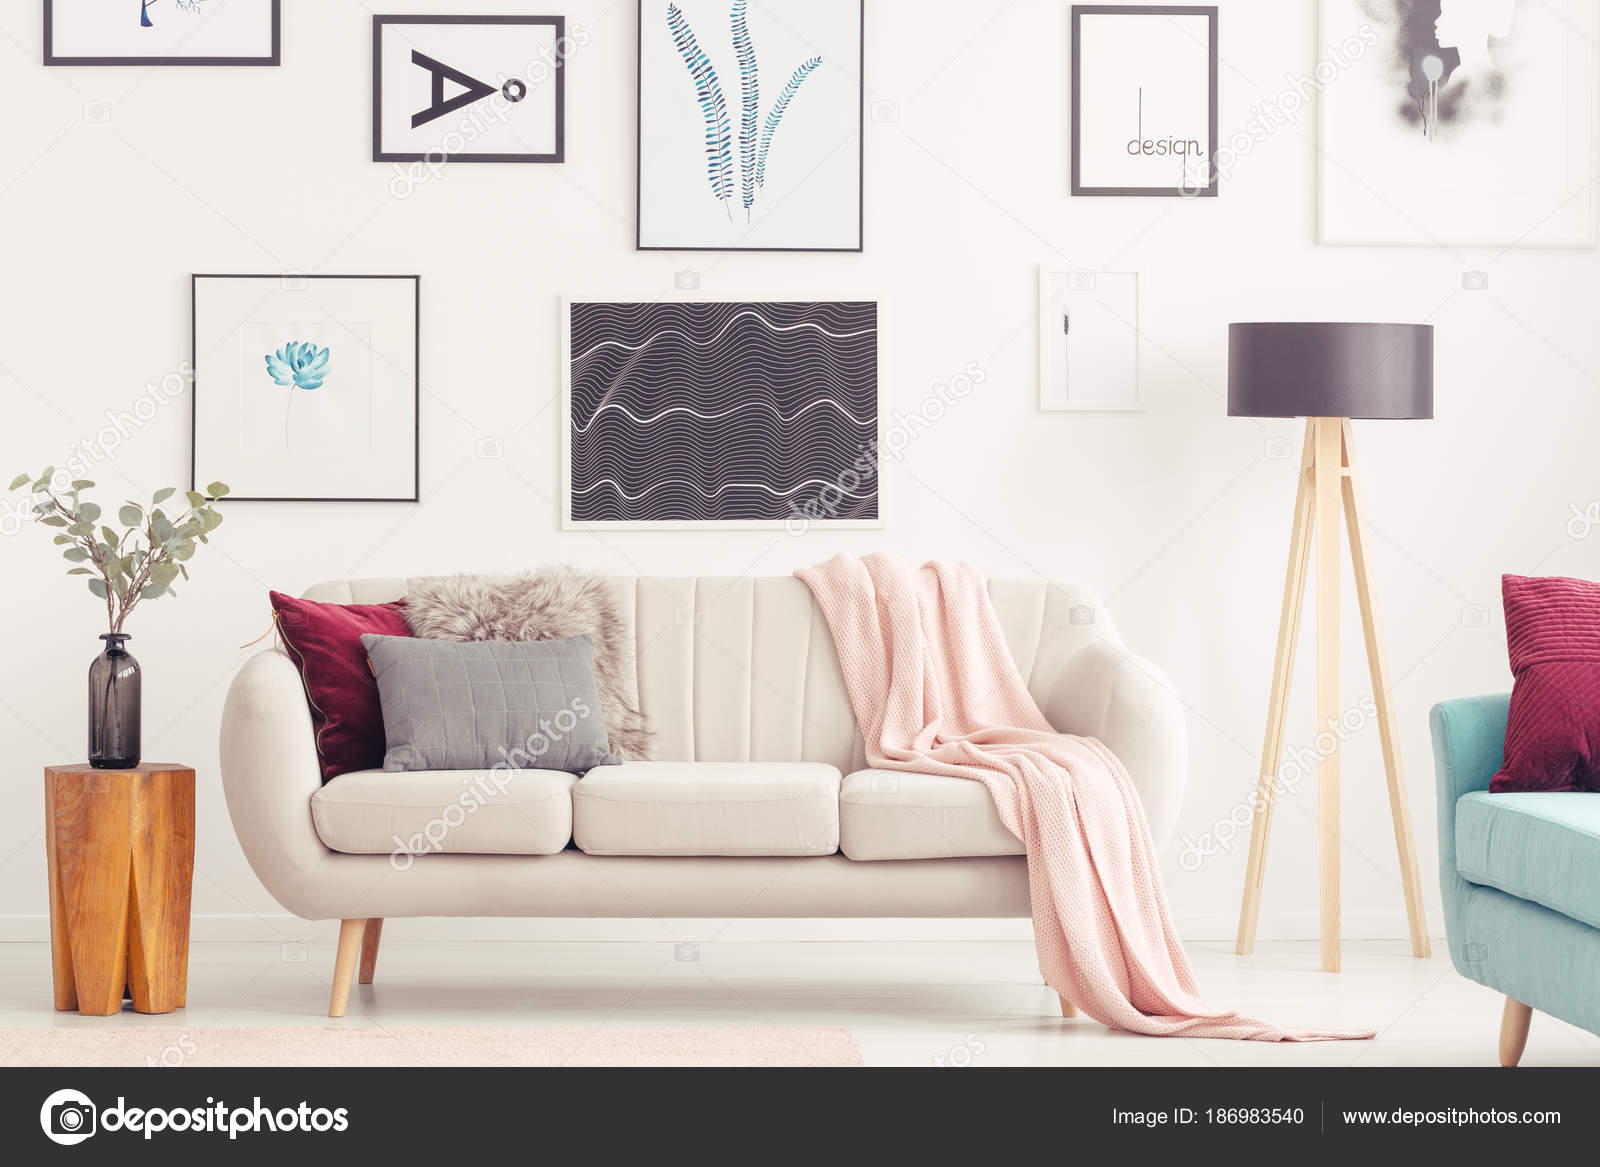 Holzhocker Neben Einem Beige Couch Mit Rosa Decke An Der Wand Mit Plakaten  In Pastell Wohnzimmer Interieur U2014 Foto Von Photographee.eu